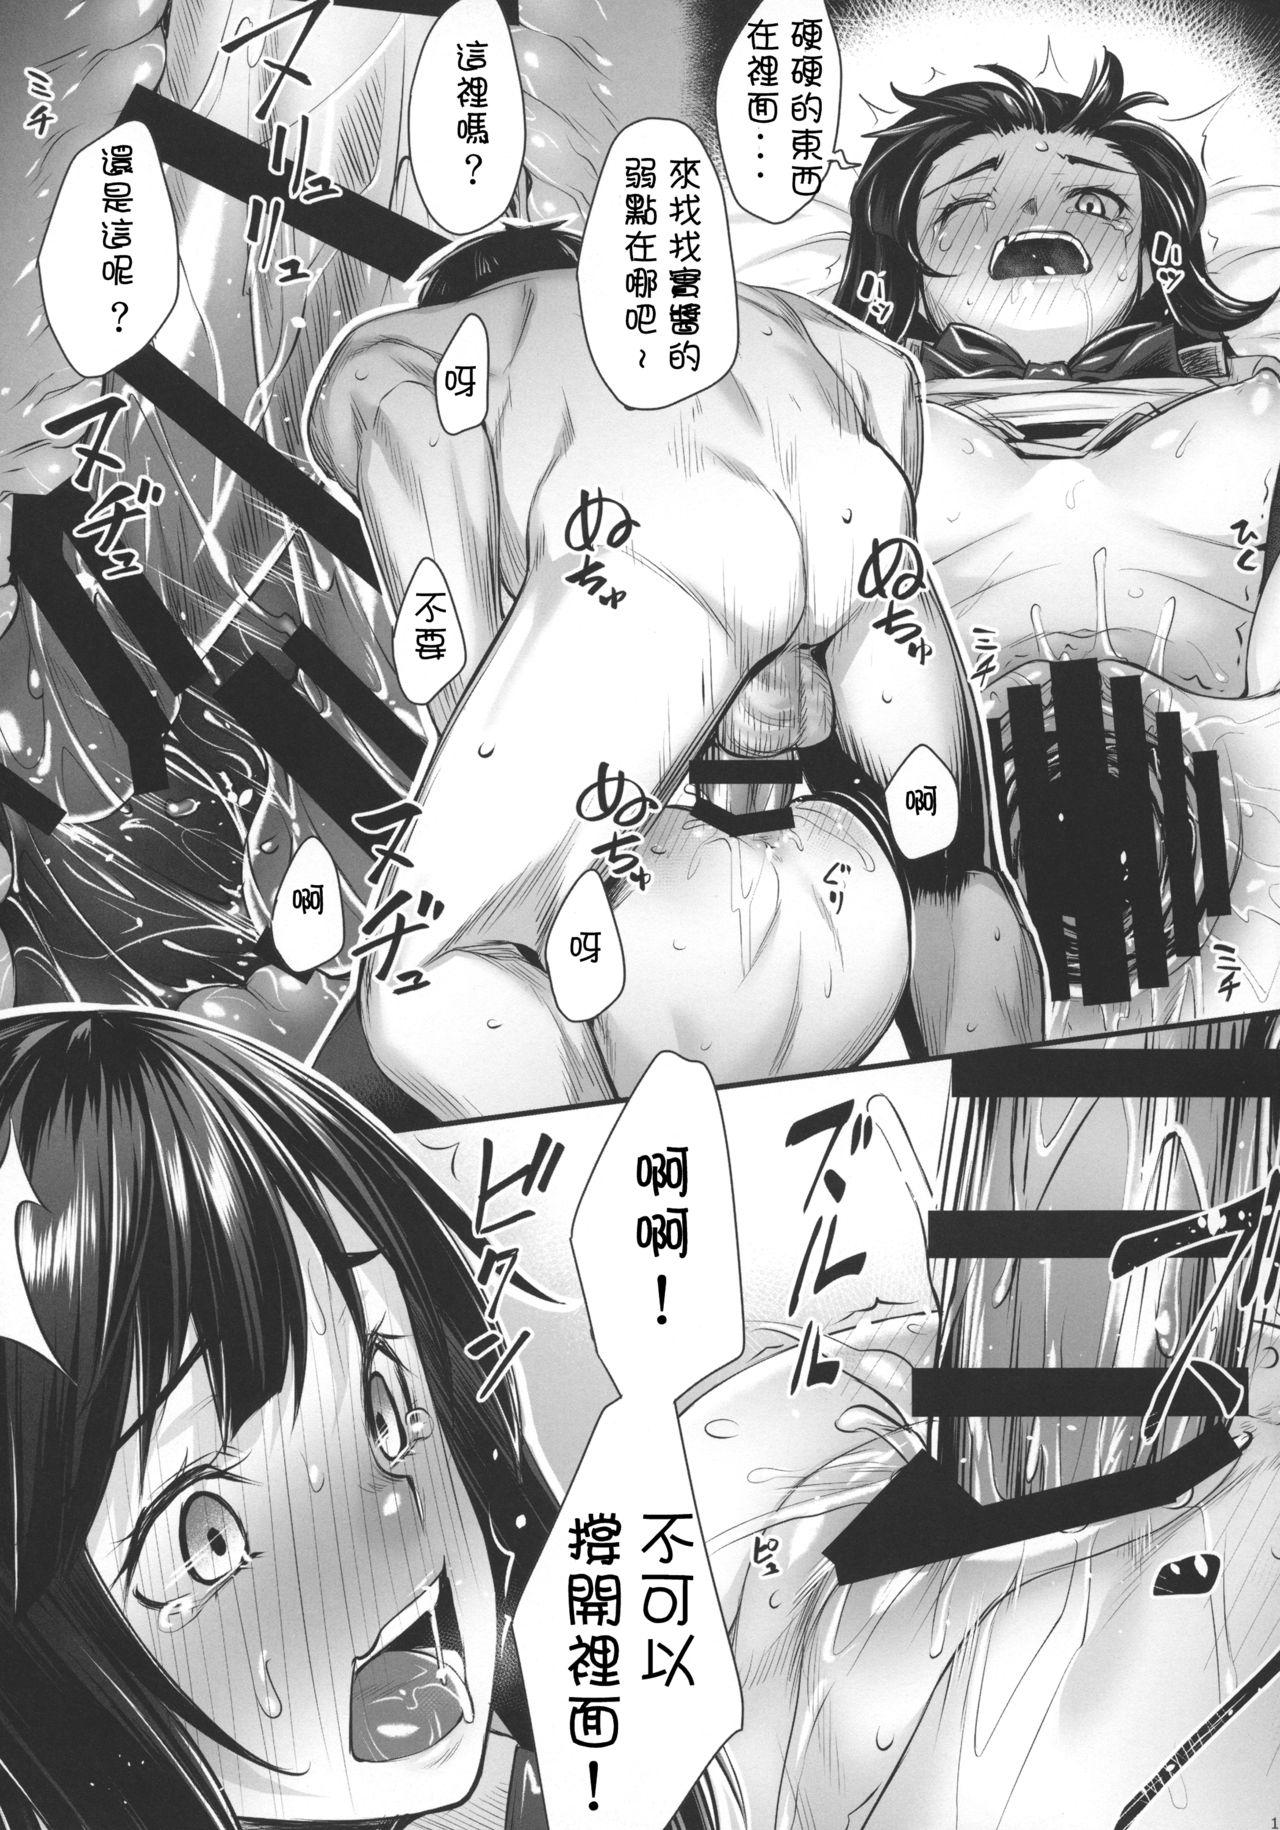 Obaka na Minori-chan 16